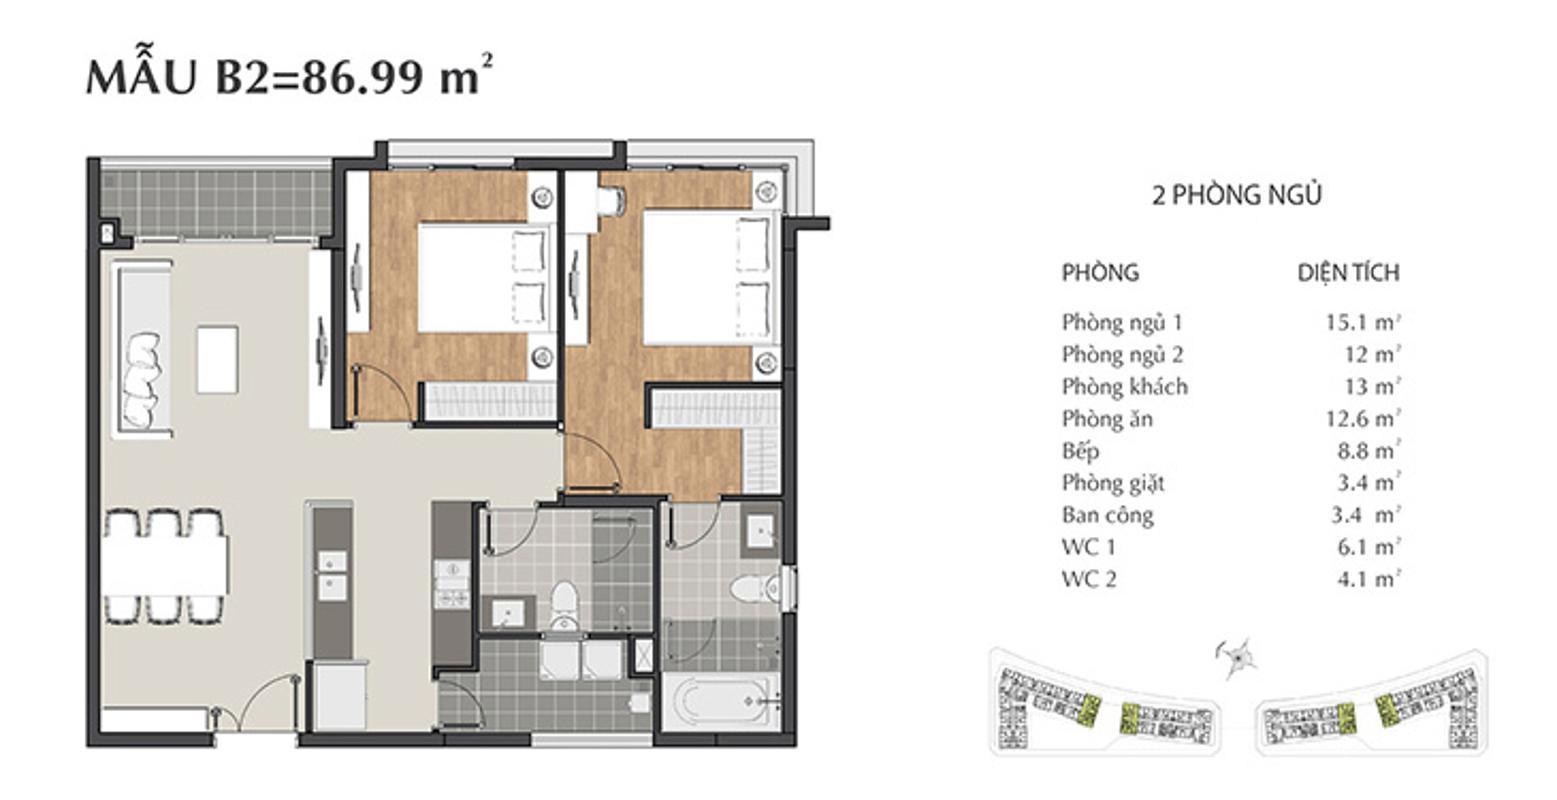 can-ho-sarimi-kdt-sala-thu-thiem-86_99m2.jpg Căn hộ A1 Sarimi hai phòng ngủ, nhìn về trung tâm thành phố